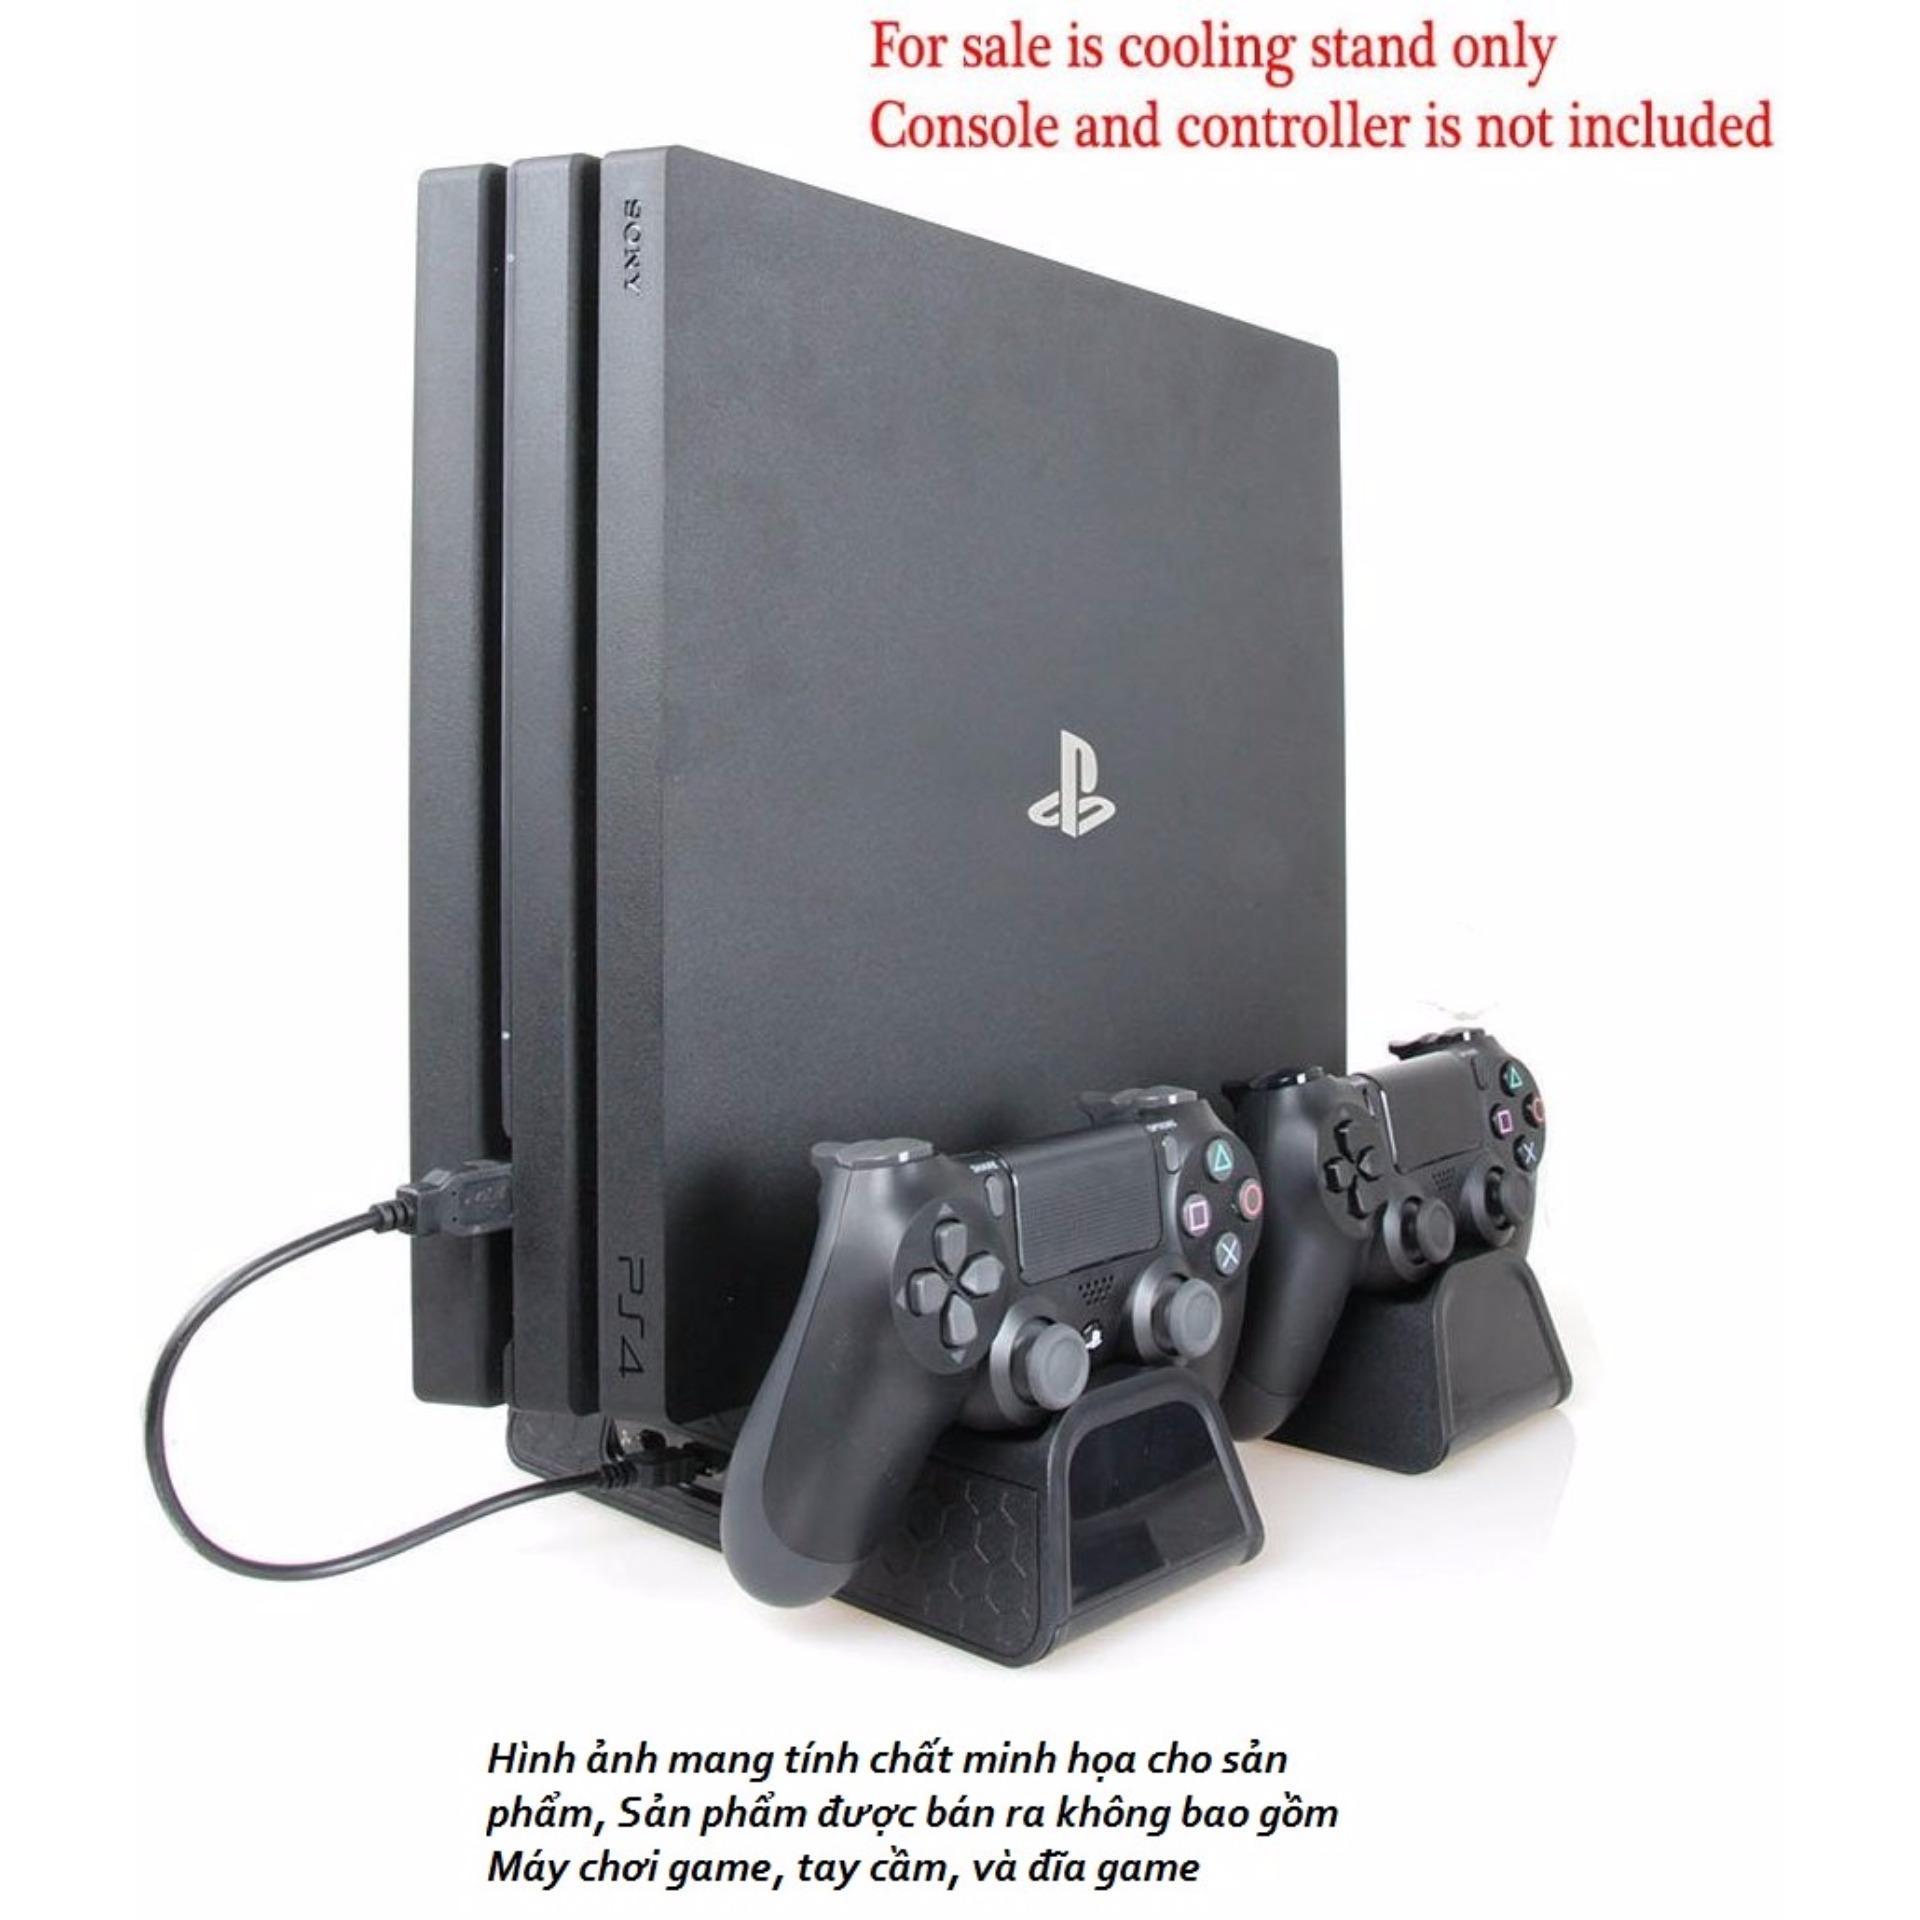 Dock sạc cho 2 tay cầm PS4 + Kệ giá để đĩa game + Chân đế Quạt tản nhiệt cho PS4 PRO / Slim / PS4